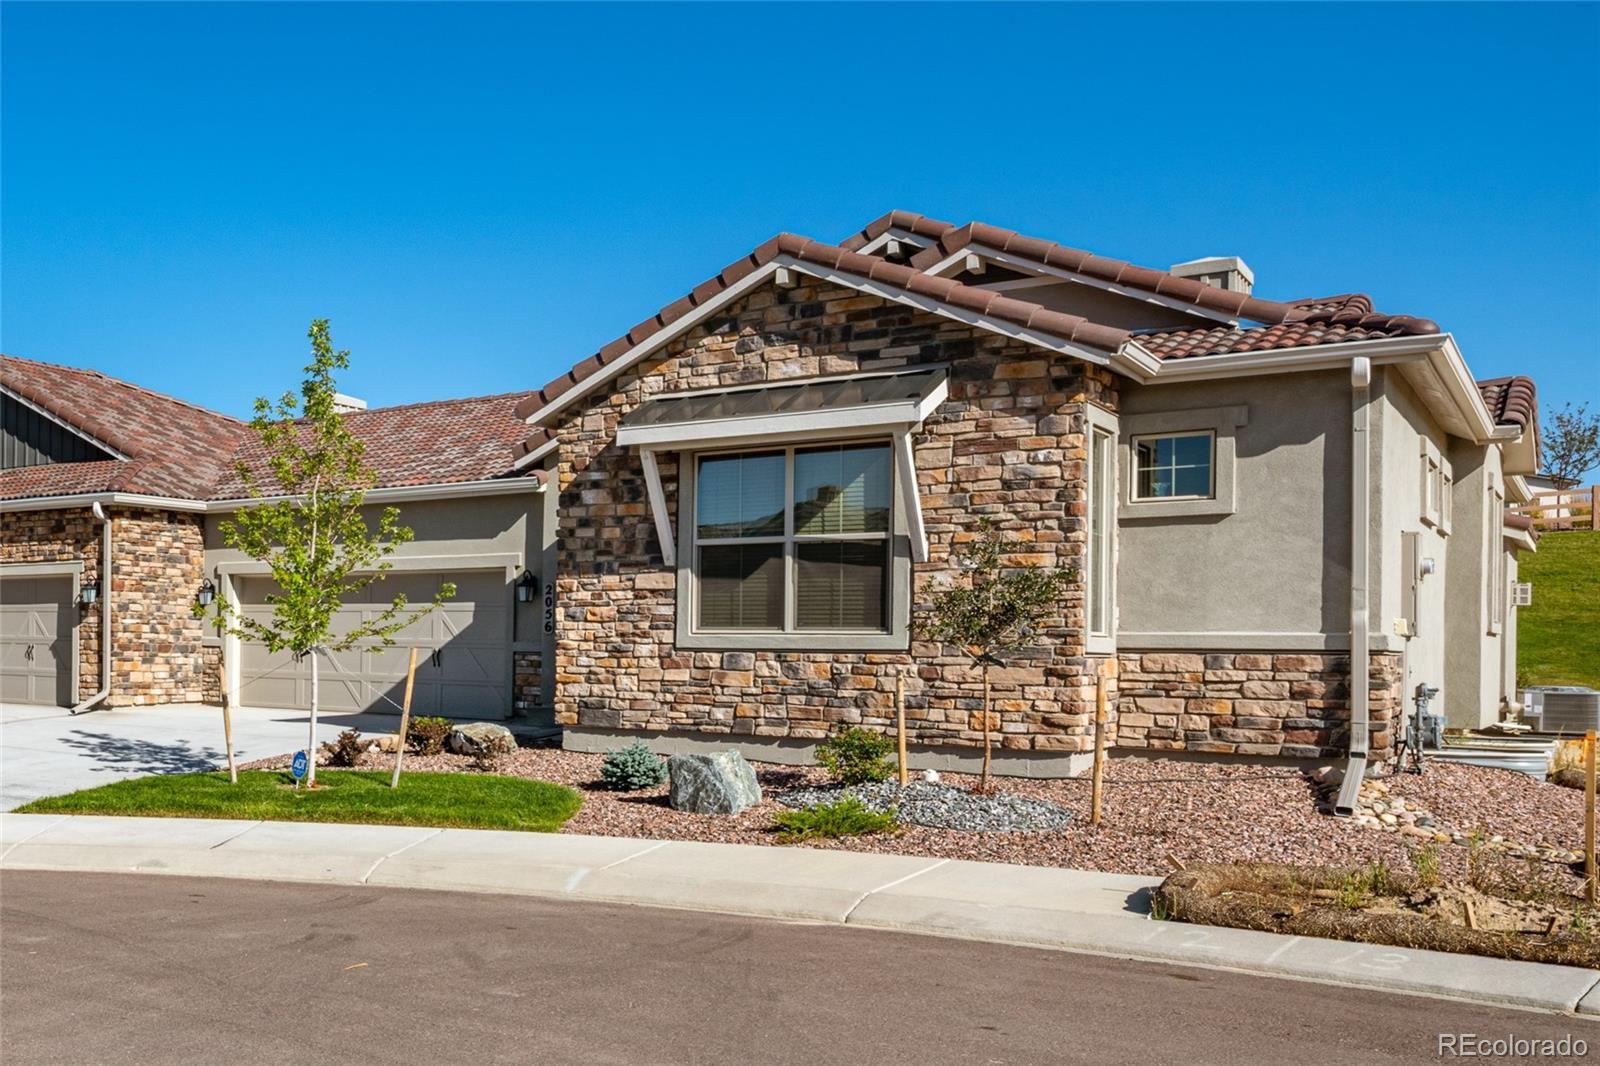 2056 Ruffino Drive, Colorado Springs, CO 80921 - #: 9655819